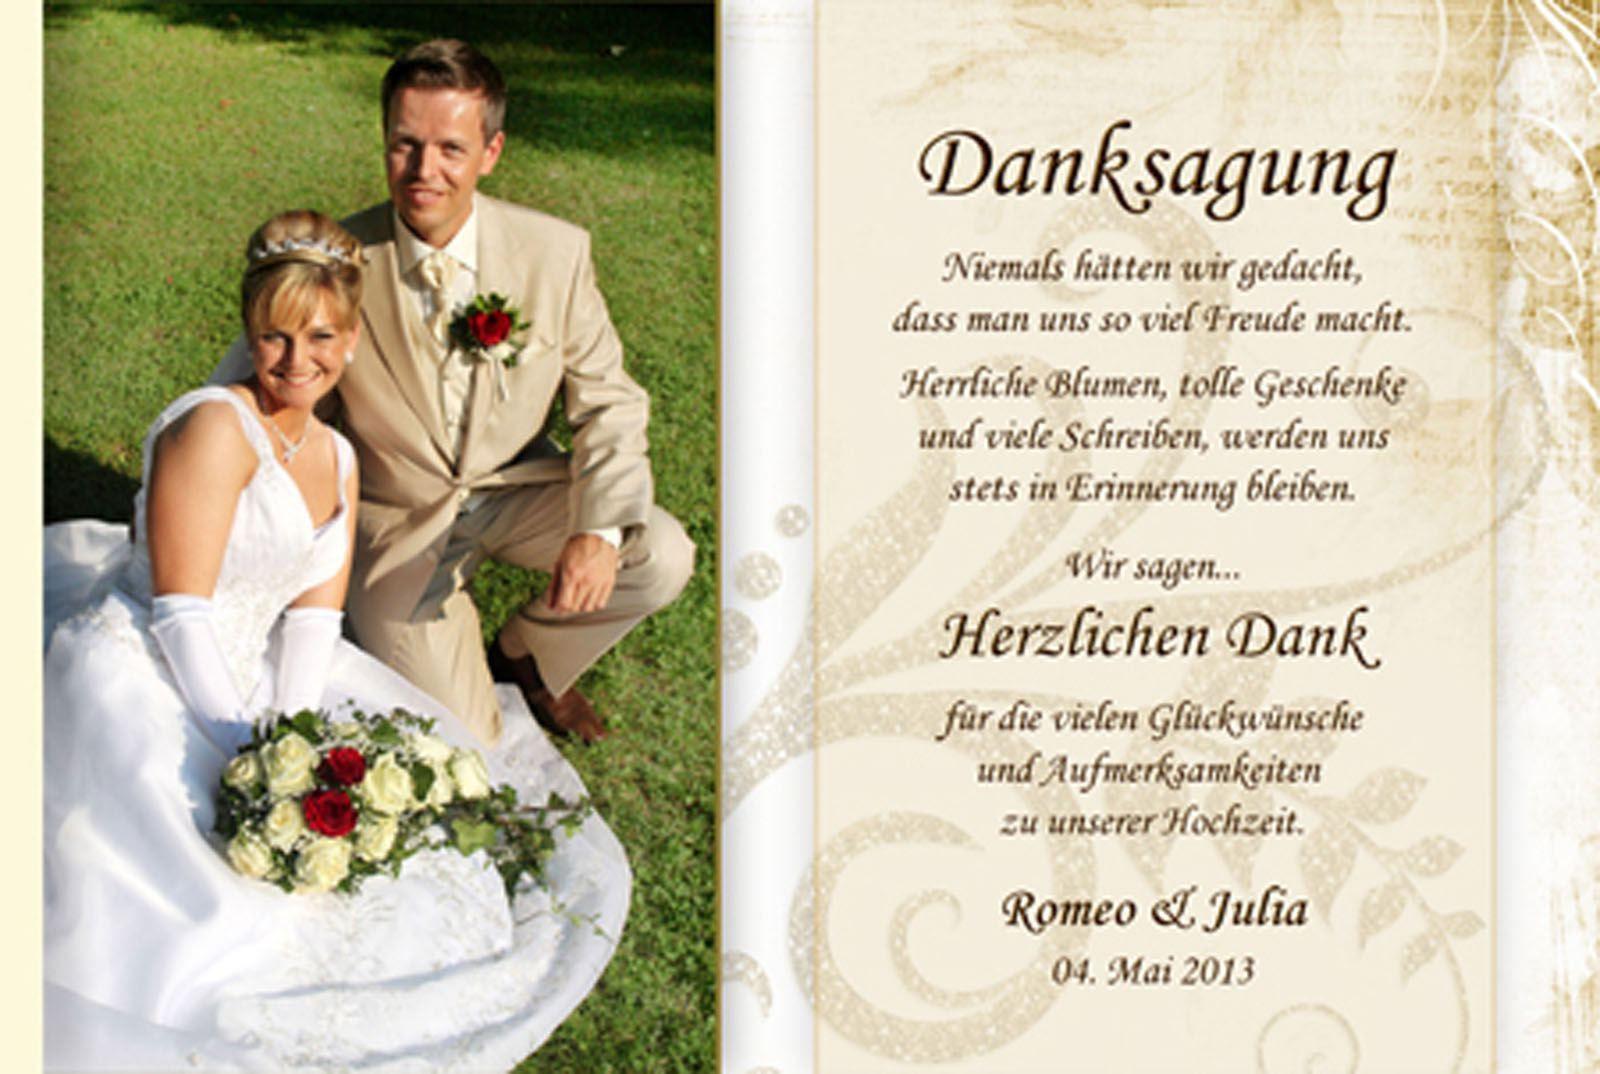 Danksagung Hochzeit Textvorschläge Modern  Dankeskarte Hochzeit Text Danksagung Hochzeit Text Danksagung Karten Danksagung Karten